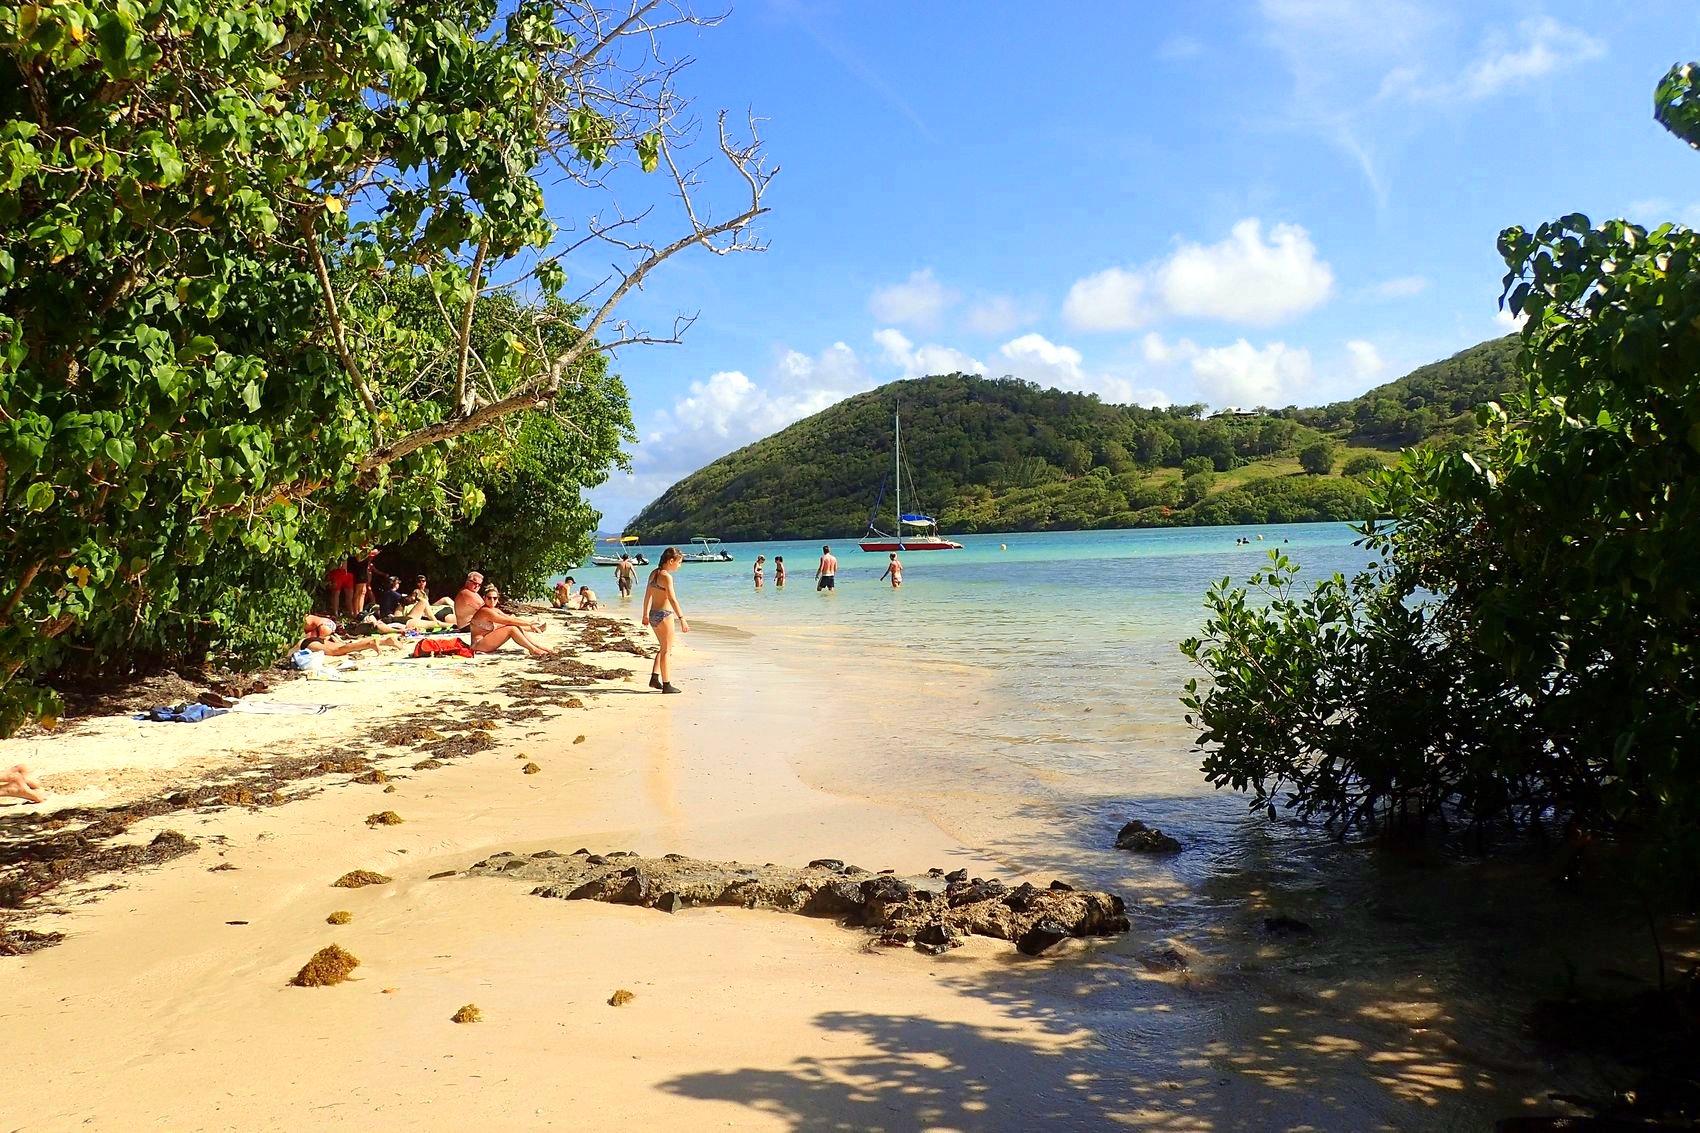 Ilet Madame mars 2016 - un coin de paradis en Martinique accessible uniquement en bateau